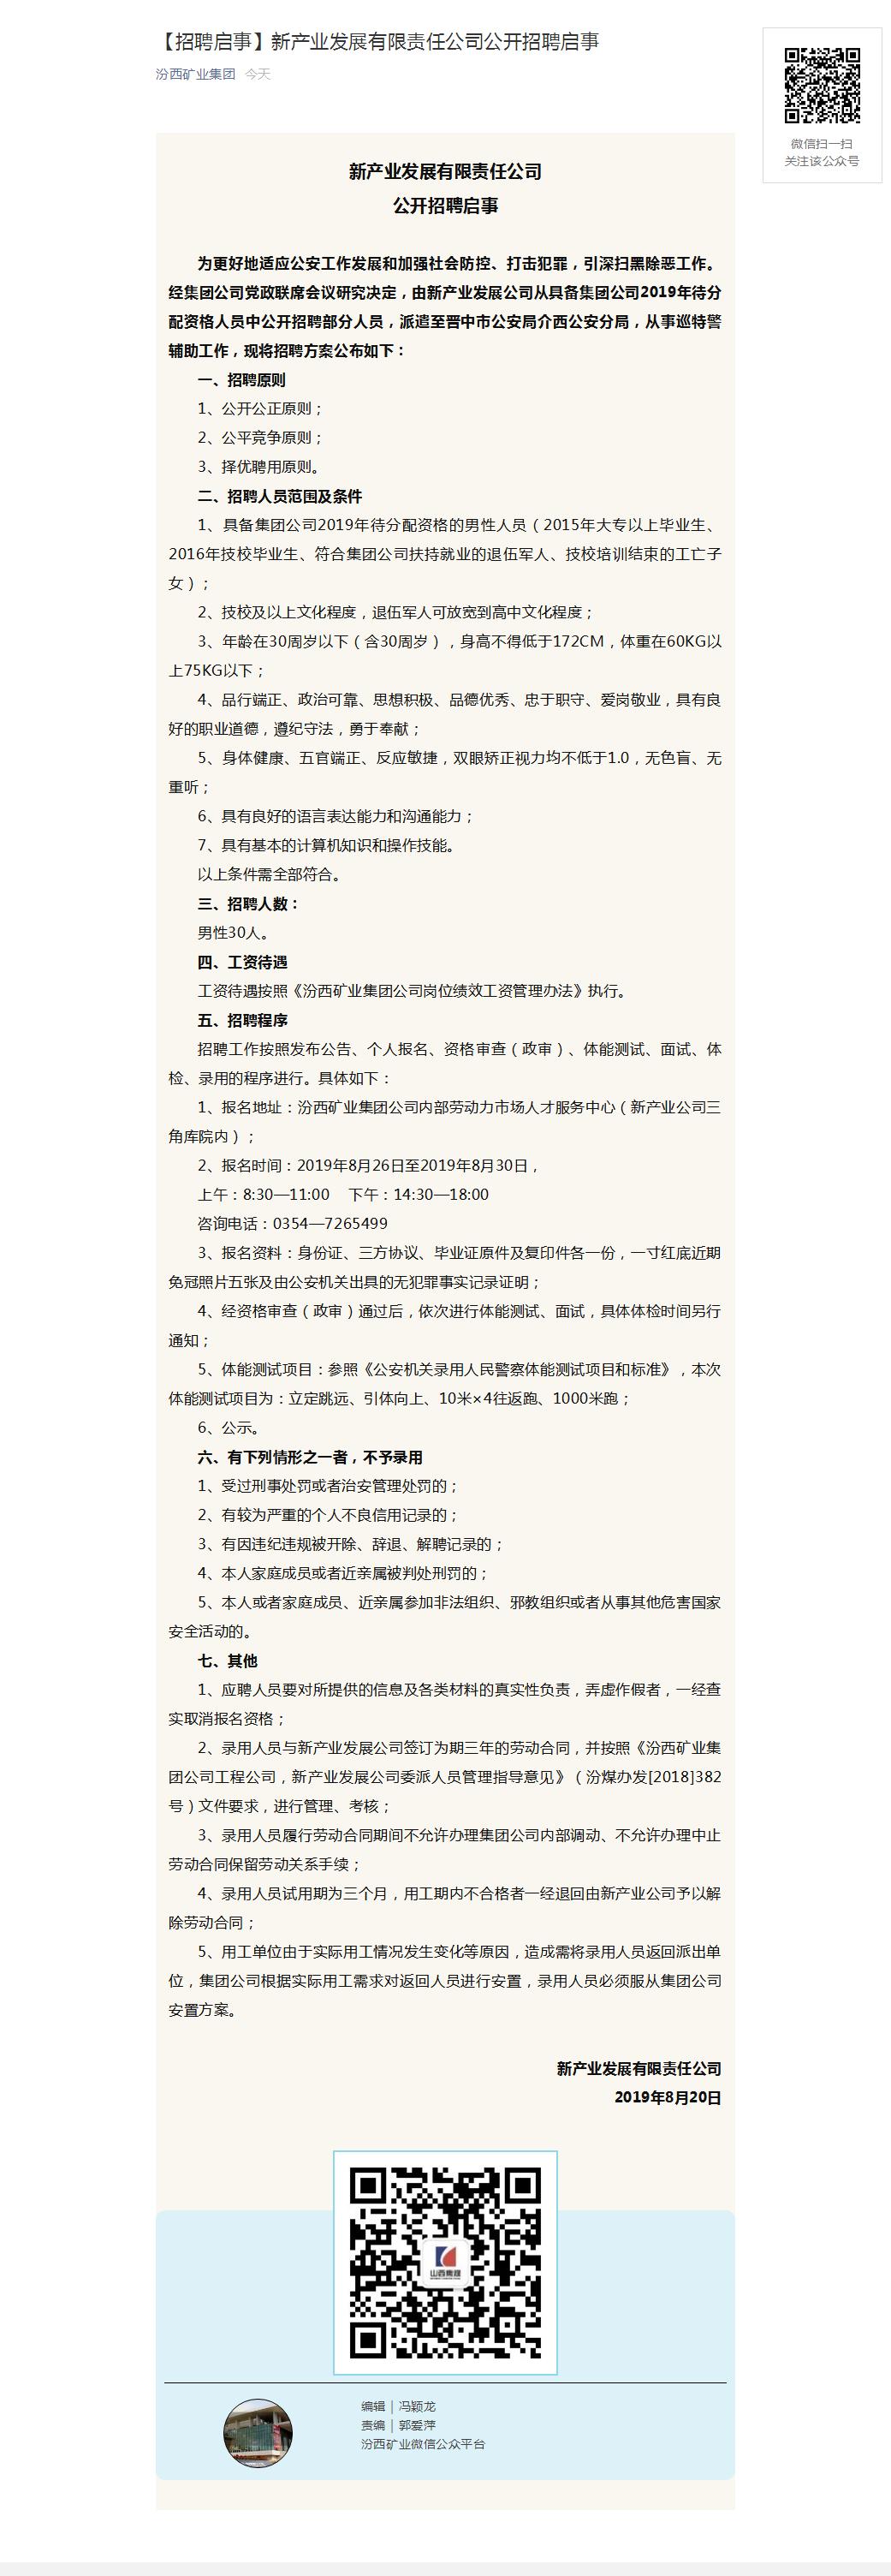 【招聘啓事】新産業發展有限責任公司公開招聘啓事.png